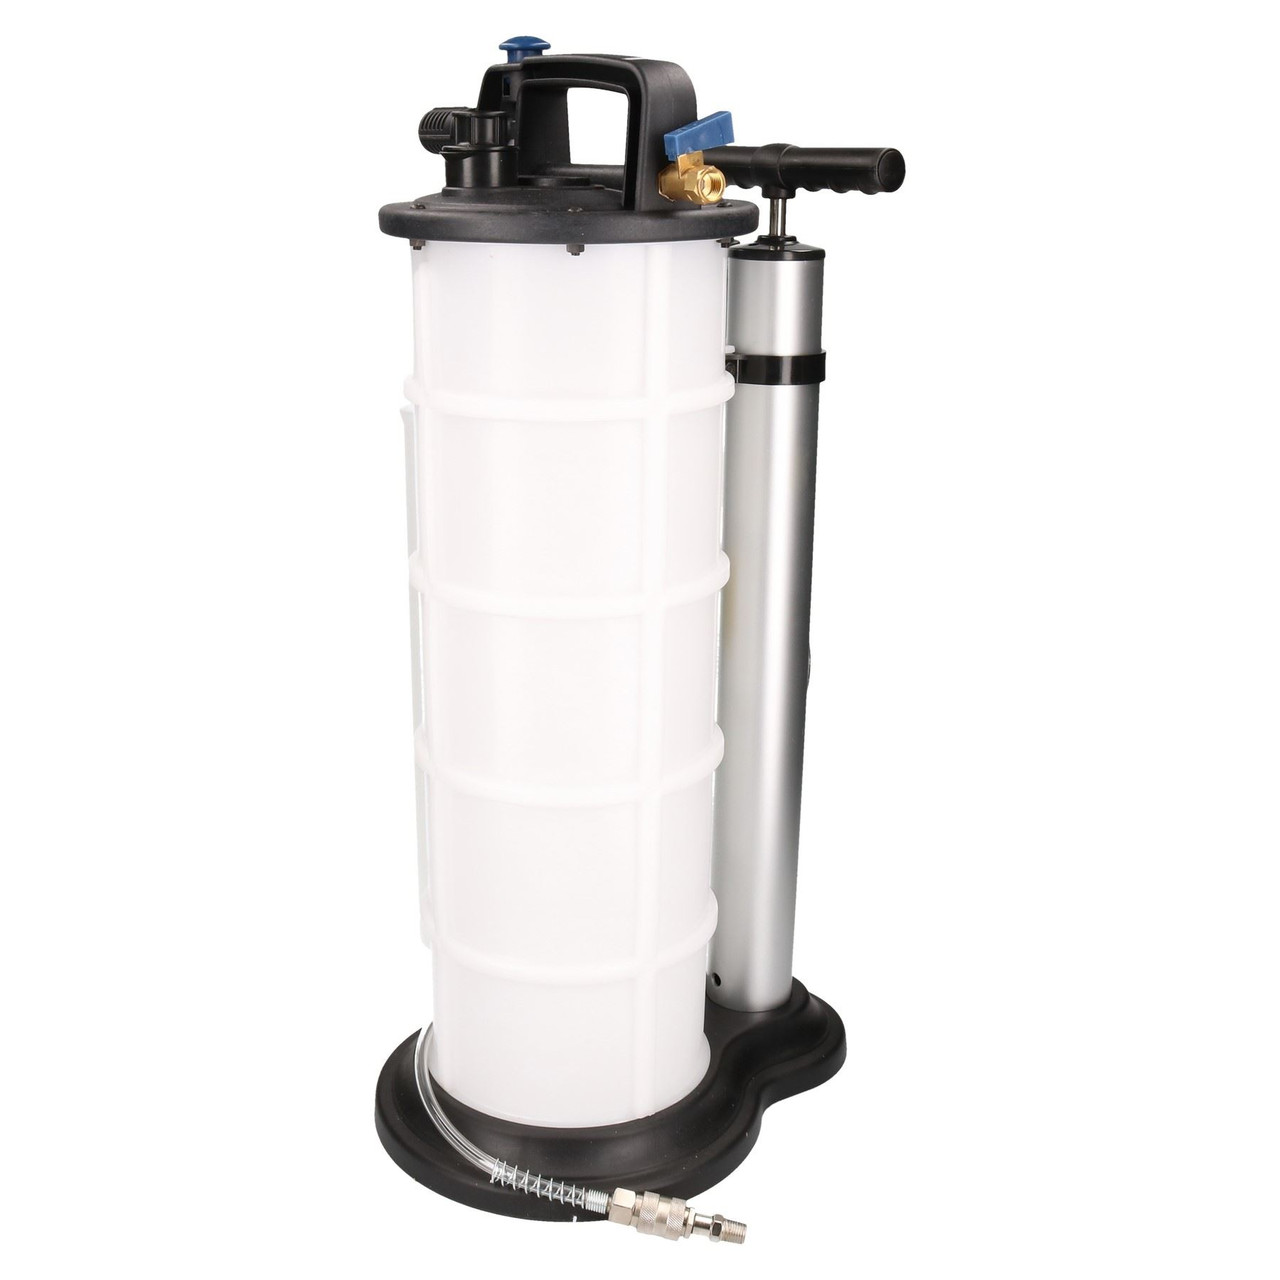 AB Tools-Neilsen Lever Handle Oil Pump Barrel Pump Oil Fluids//Diesel 5-55 Gallon Drums AN022